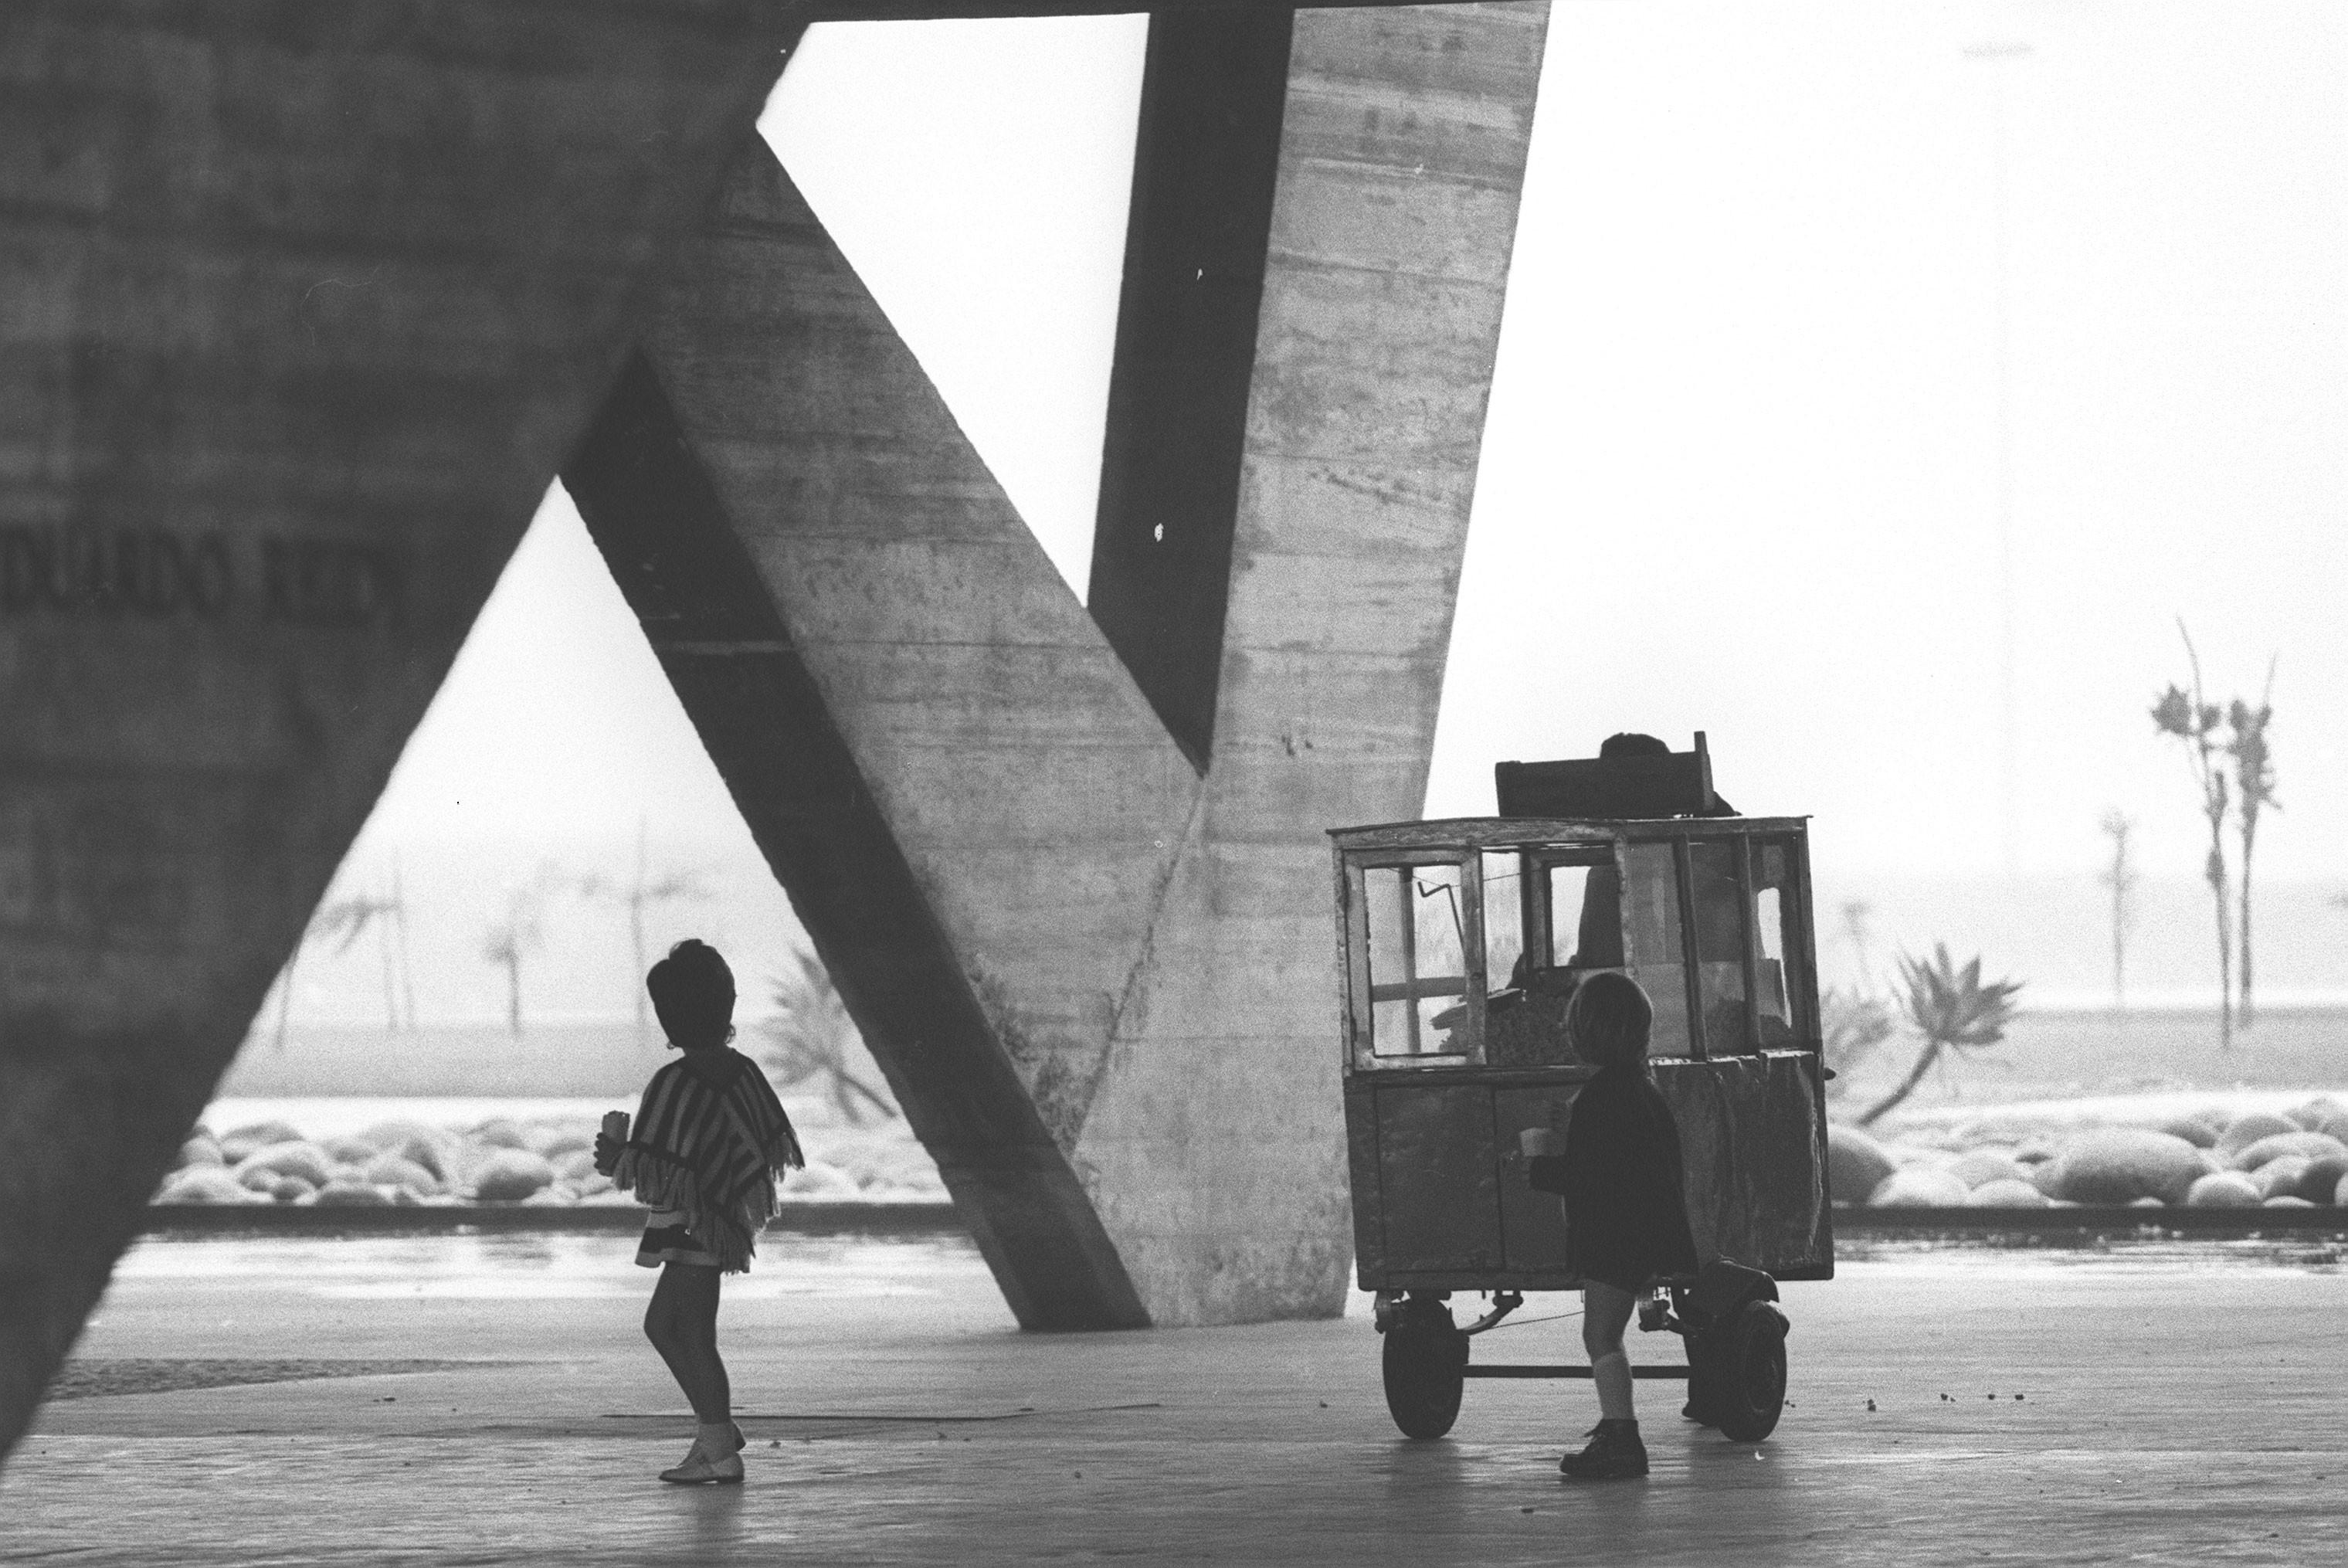 Crianças comem pipoca sob o Museu de Arte Moderna (MAM), em 1971